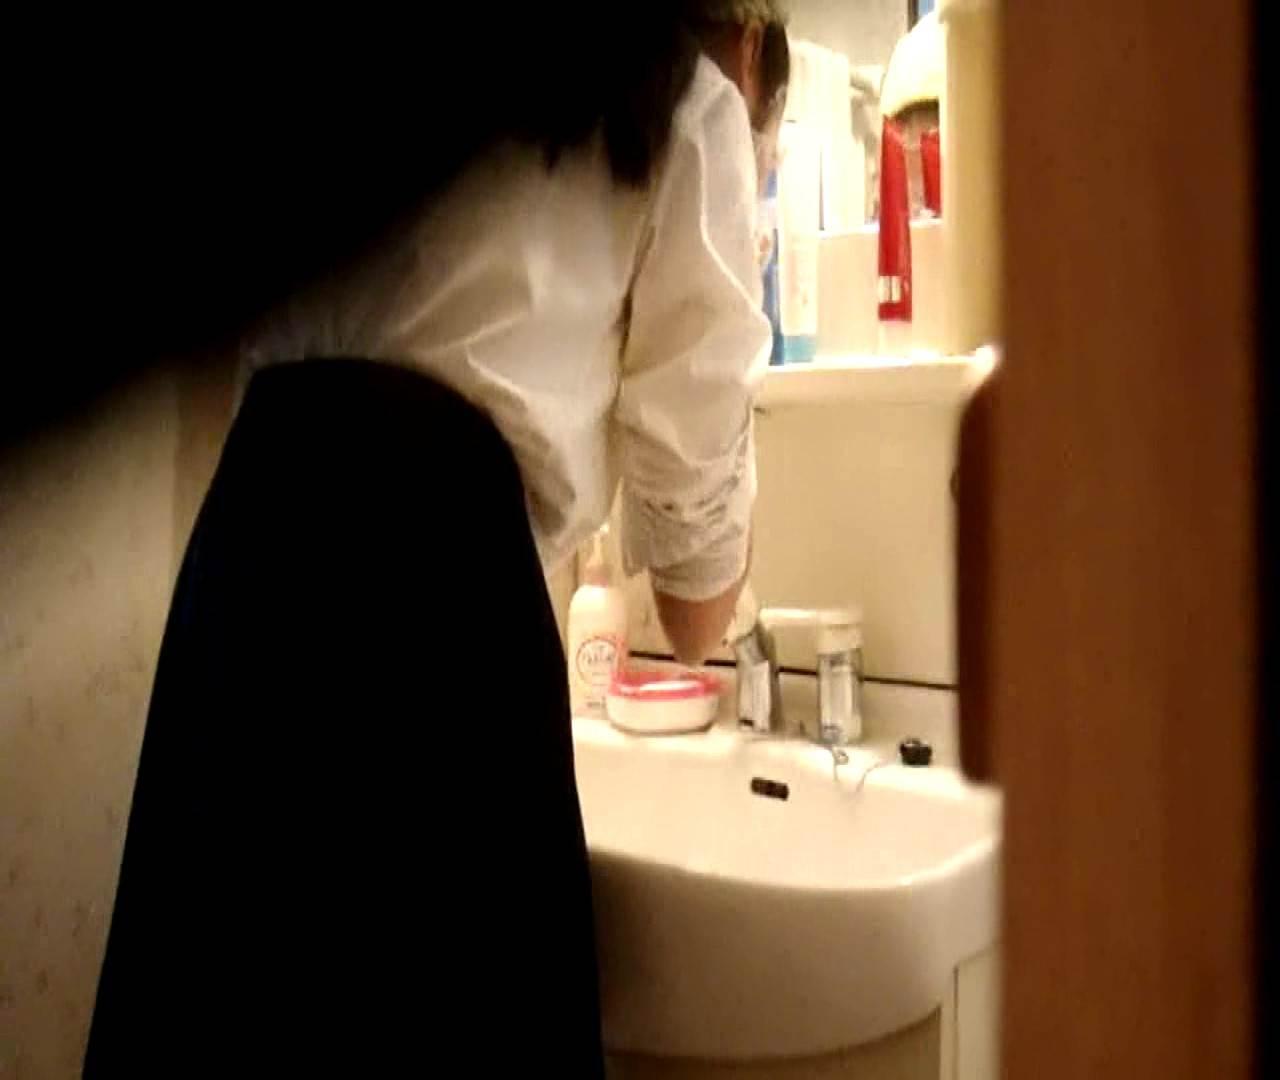 vol.5 まどかが帰宅後の洗顔後にブラを洗ってます。 いじくり  75PIX 36